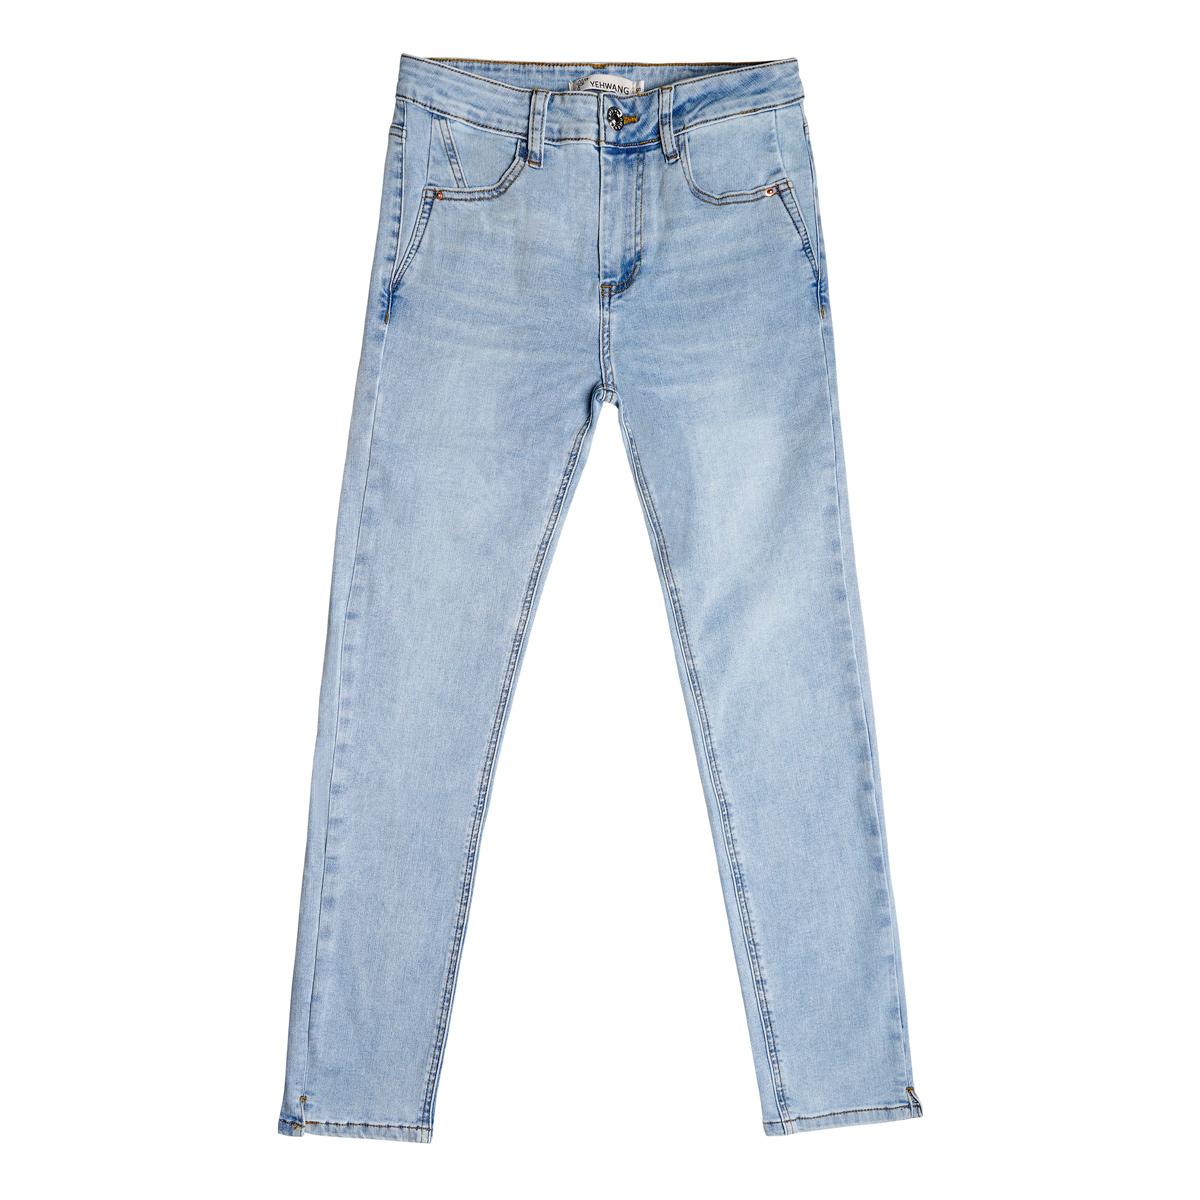 Lichtblauwe enkellange stretch denim jeans